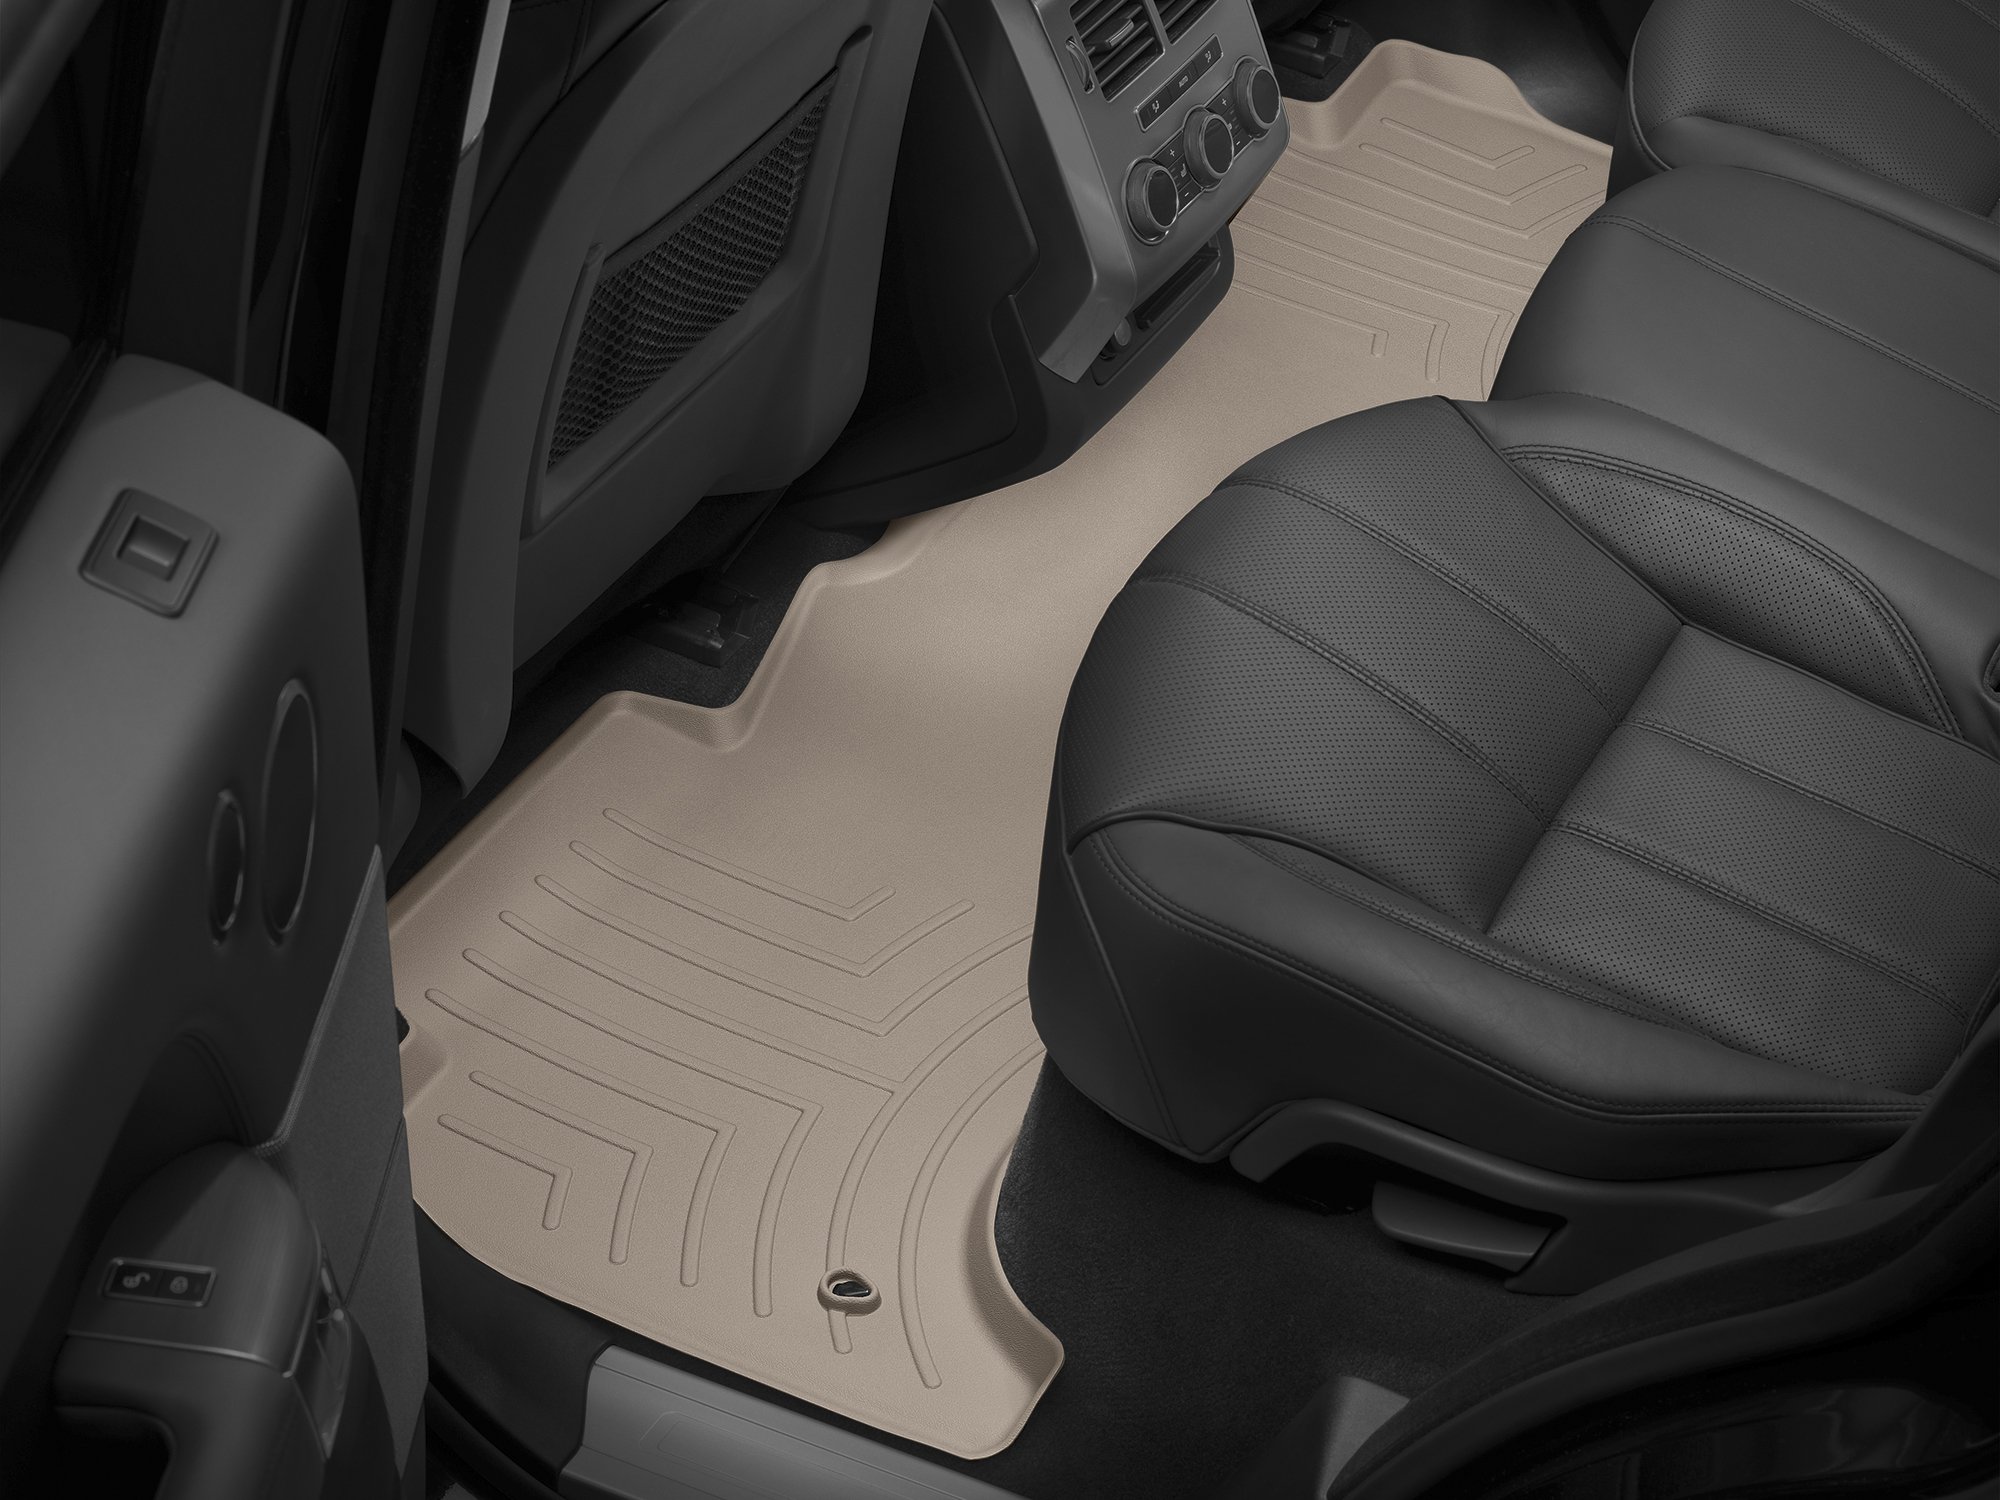 Tappeti gomma su misura bordo alto Land Rover 14>17 Marrone A1994*